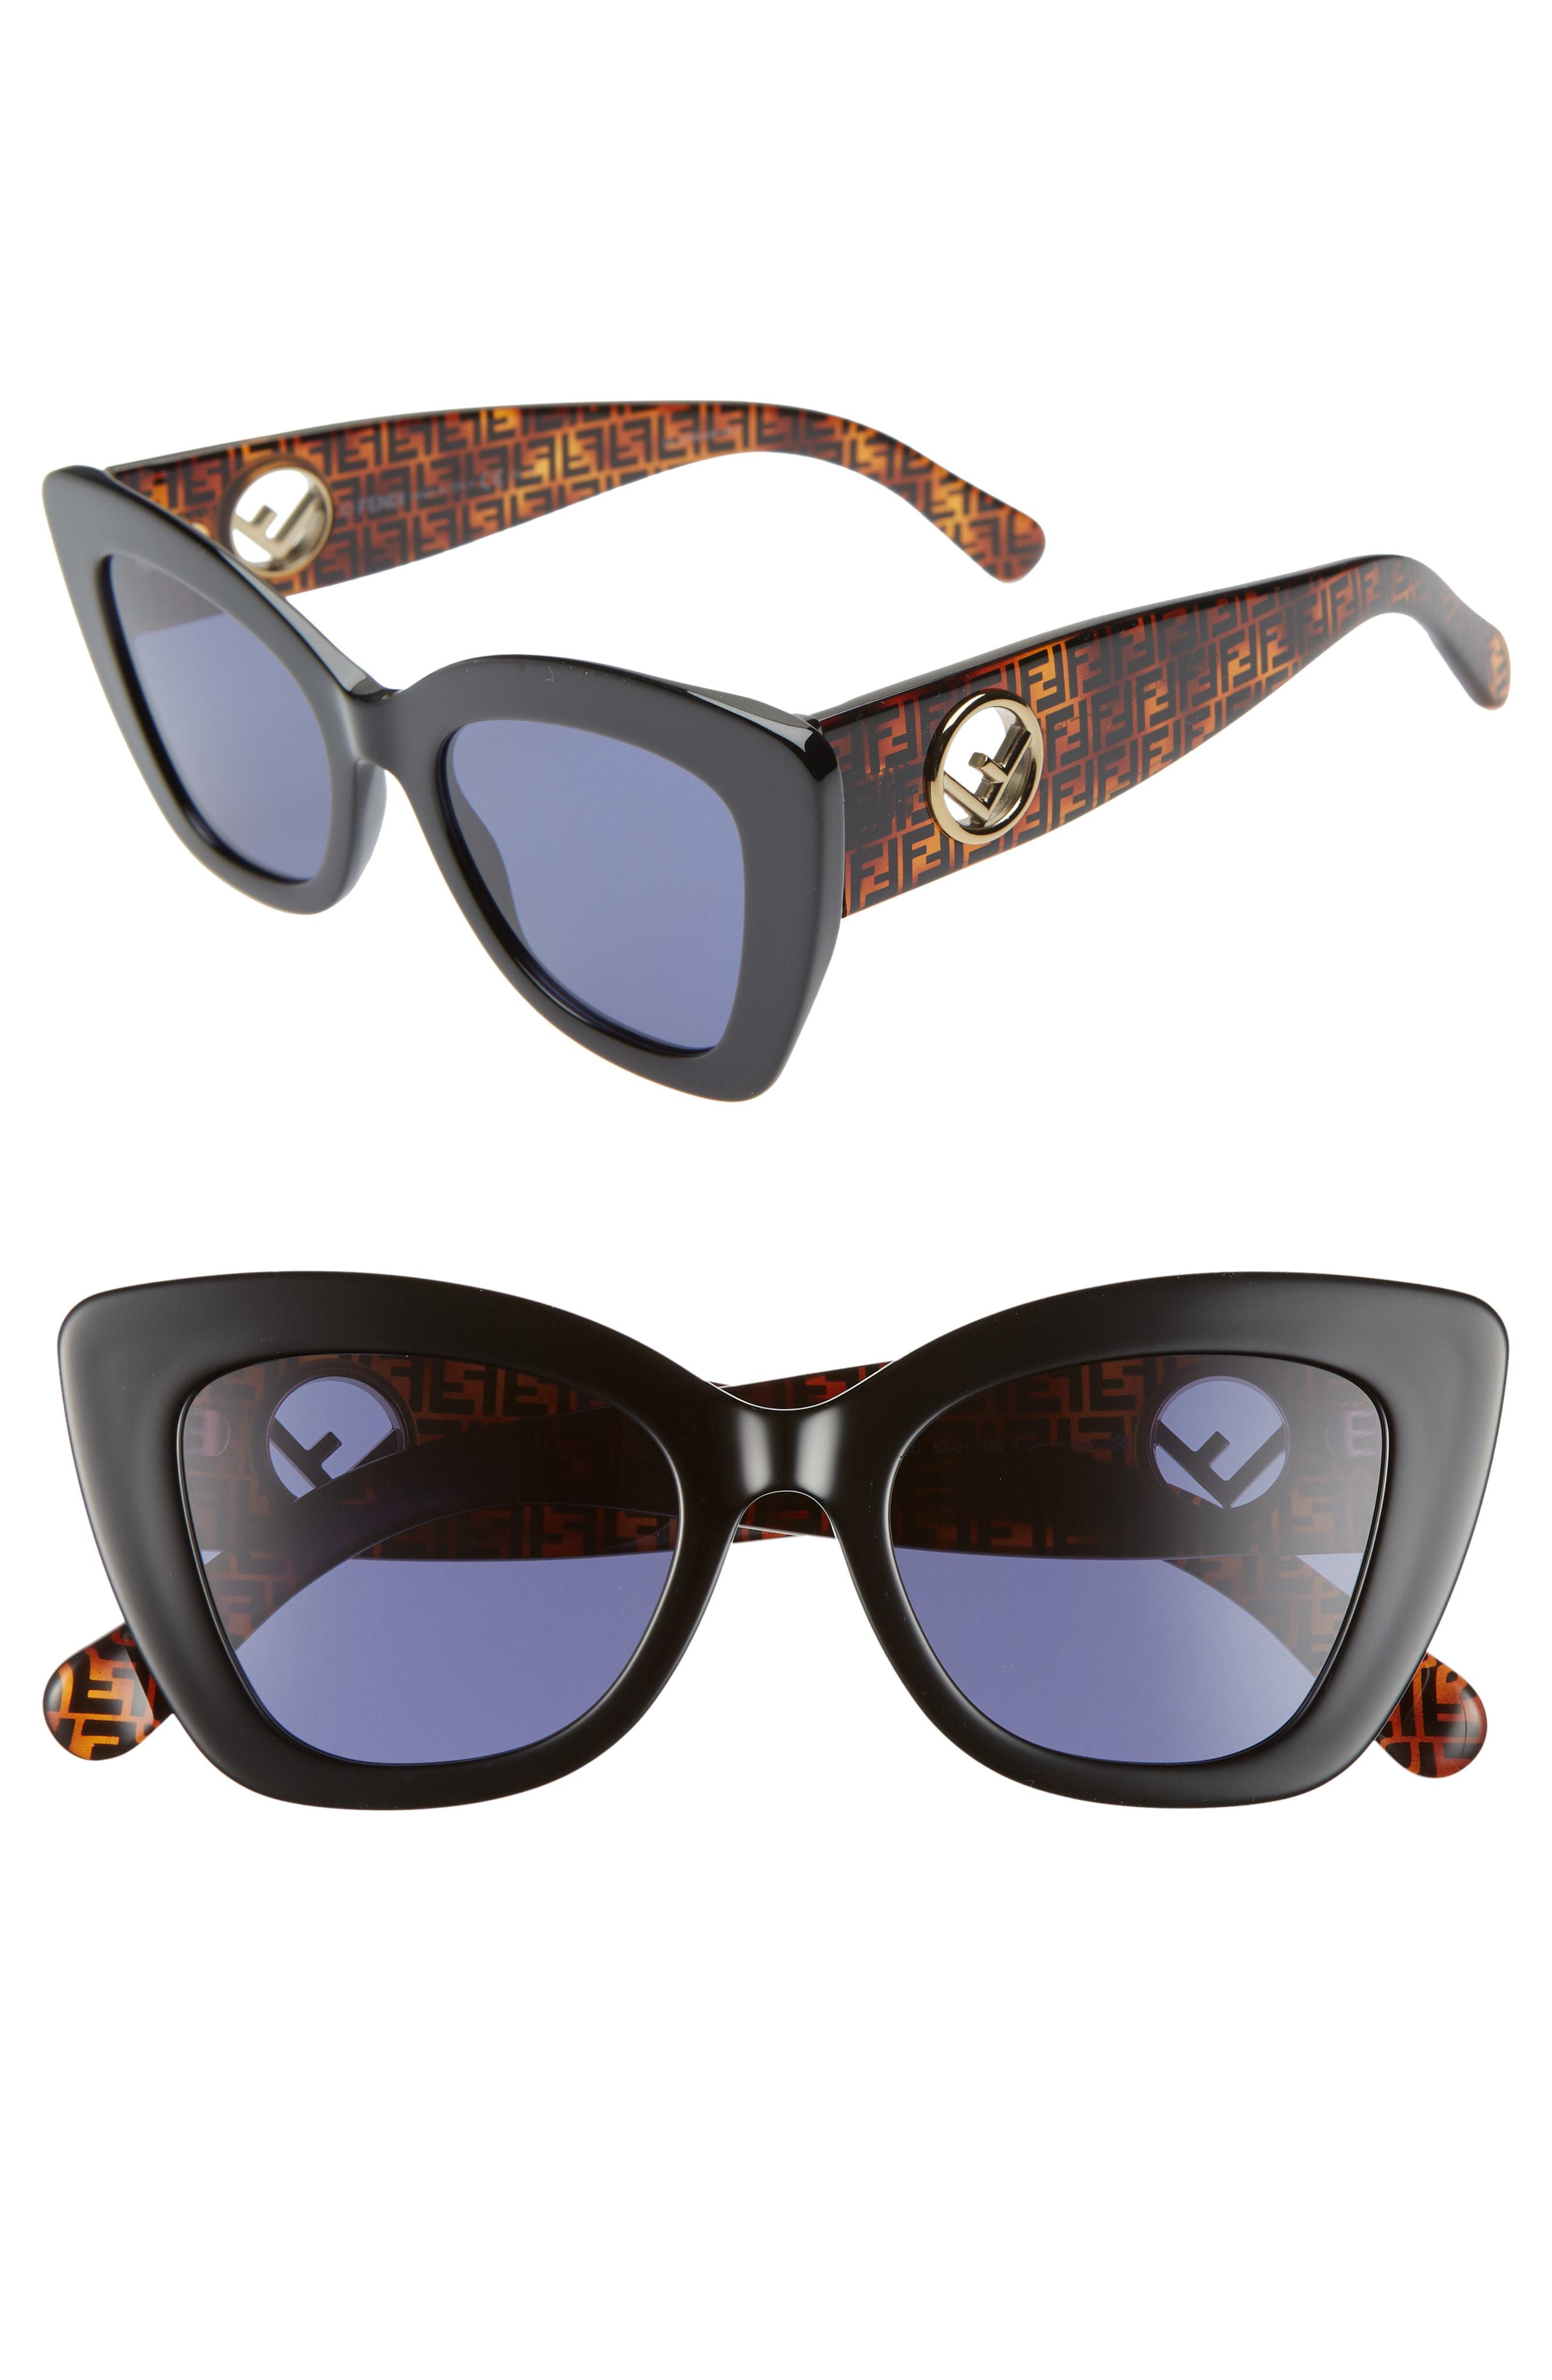 79ee3374e4a Fendi Square Acetate Sunglasses W  Ff Arms In Black